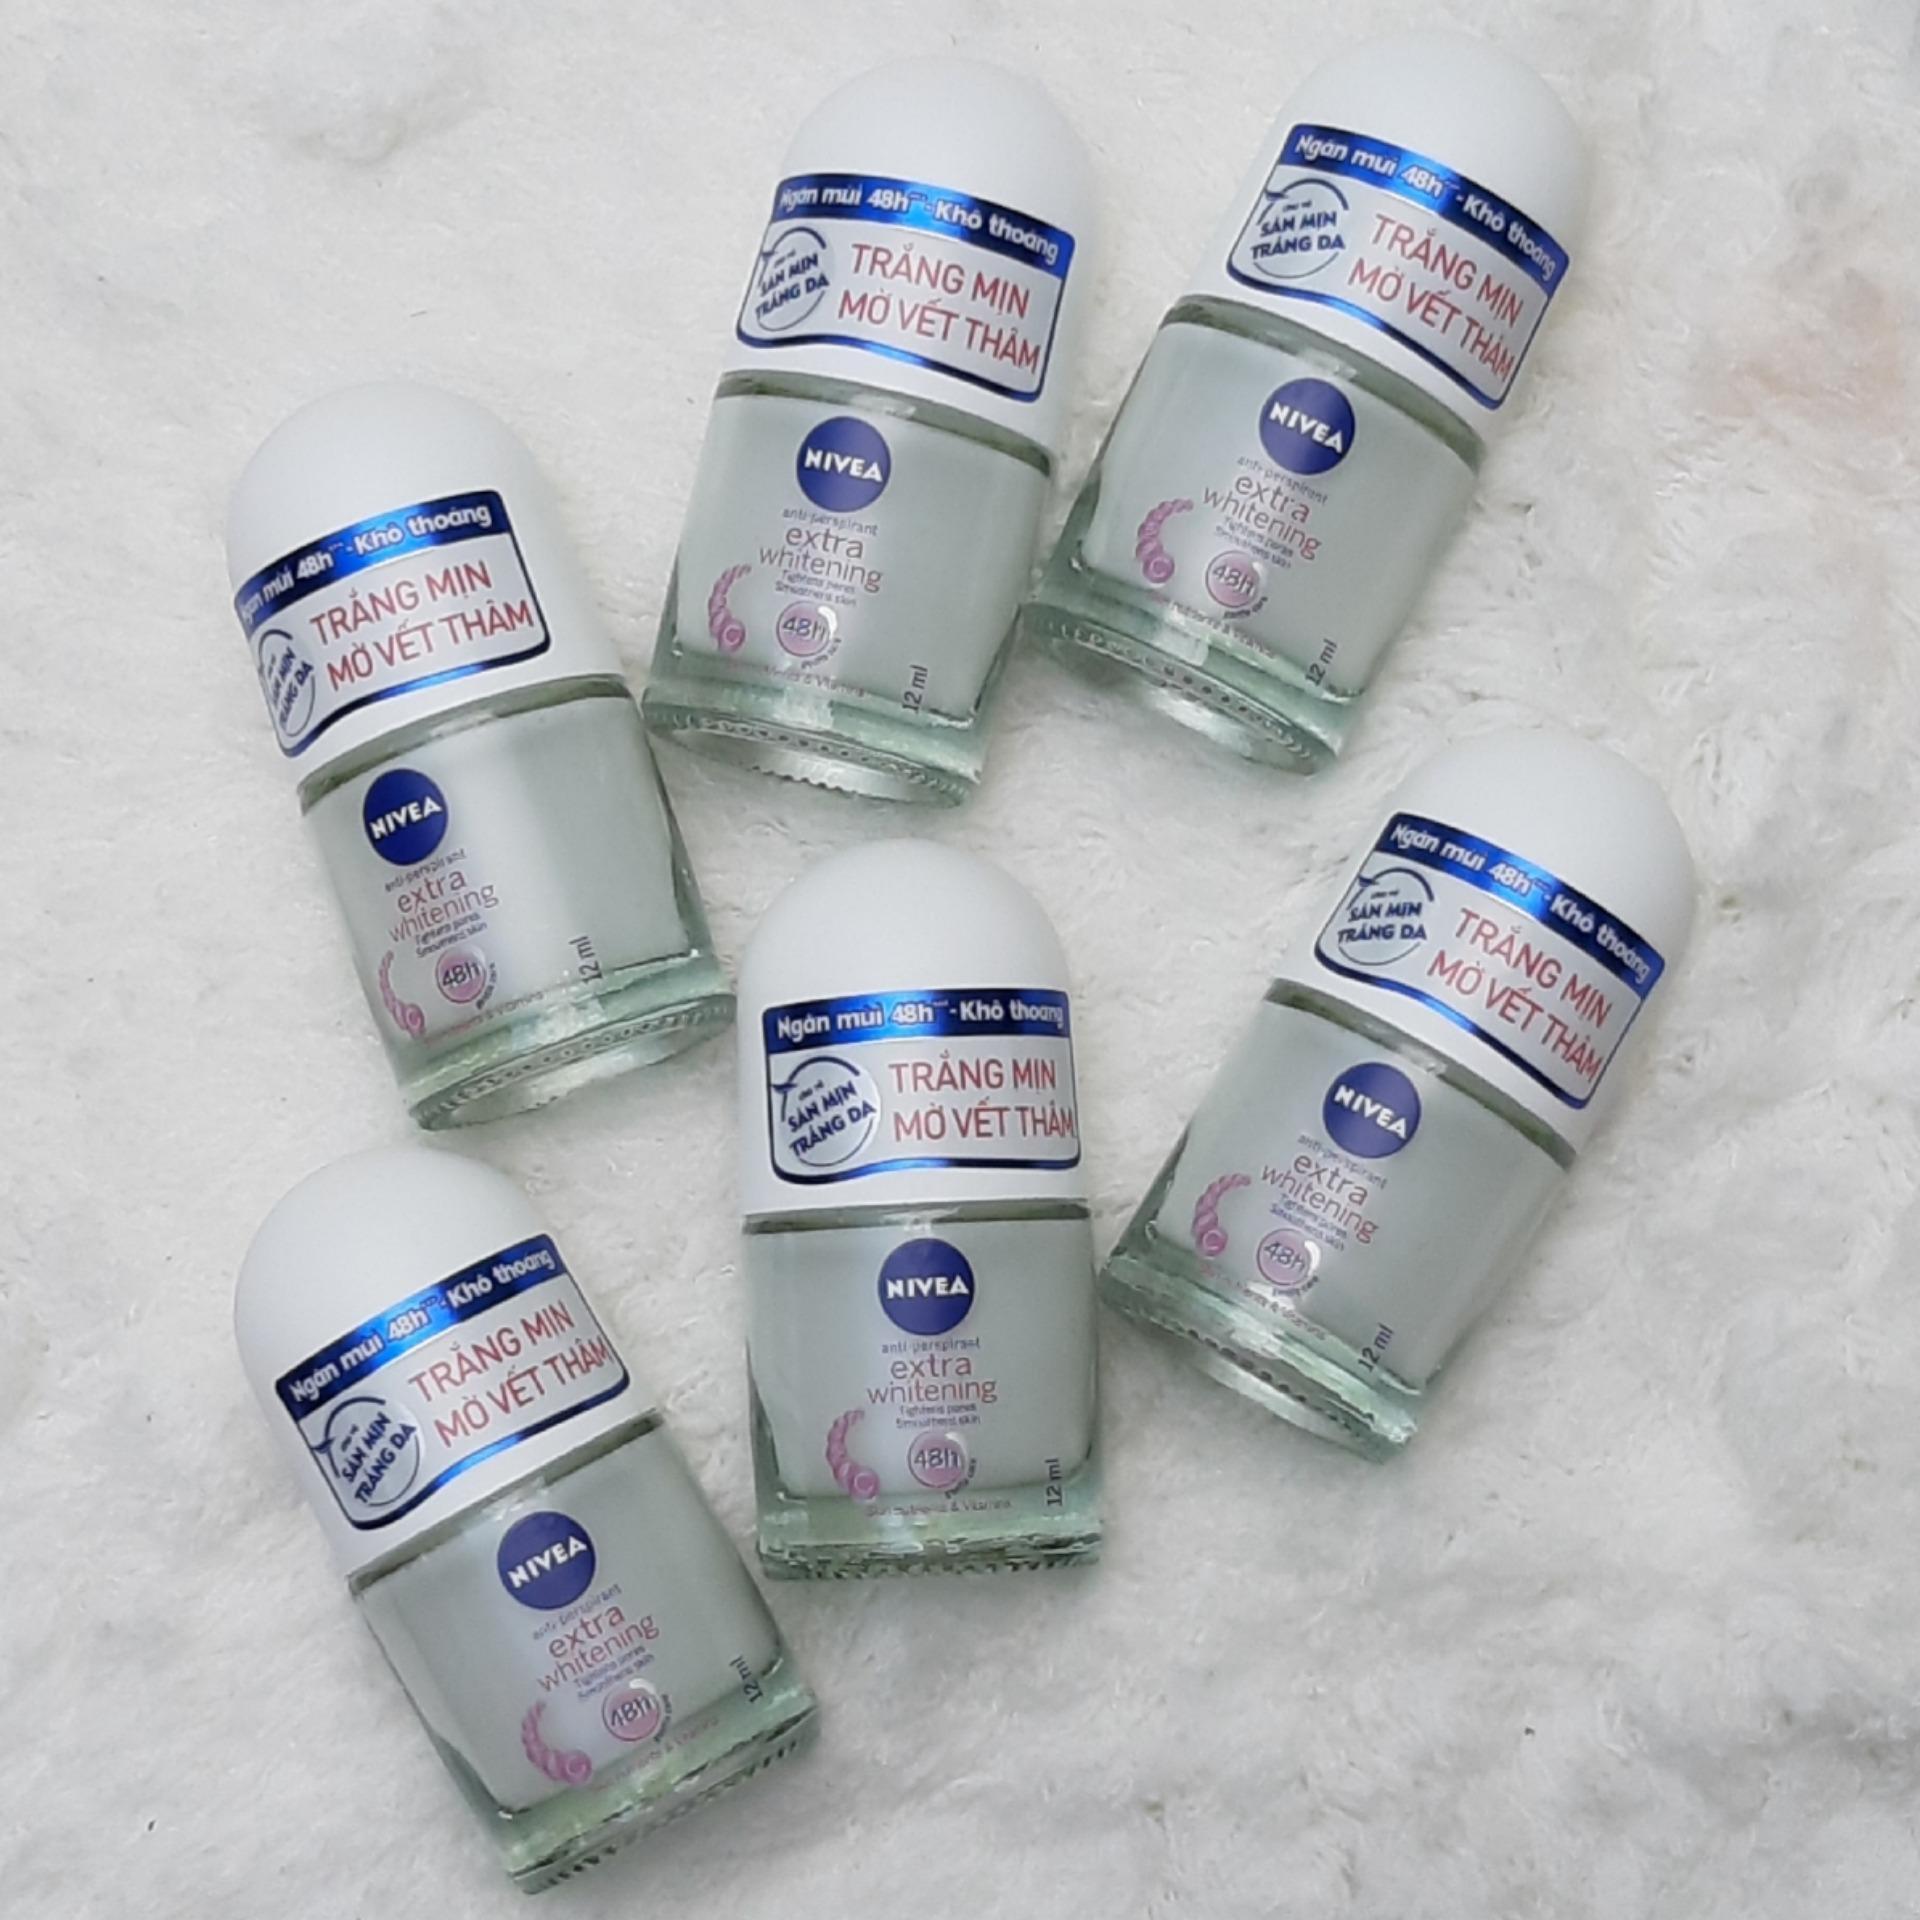 6 chai Lăn khử mùi Nivea Extra Whitening trắng mịn mờ vết thâm khô thoáng 48h ( Dành cho nữ ) 12ml nhập khẩu